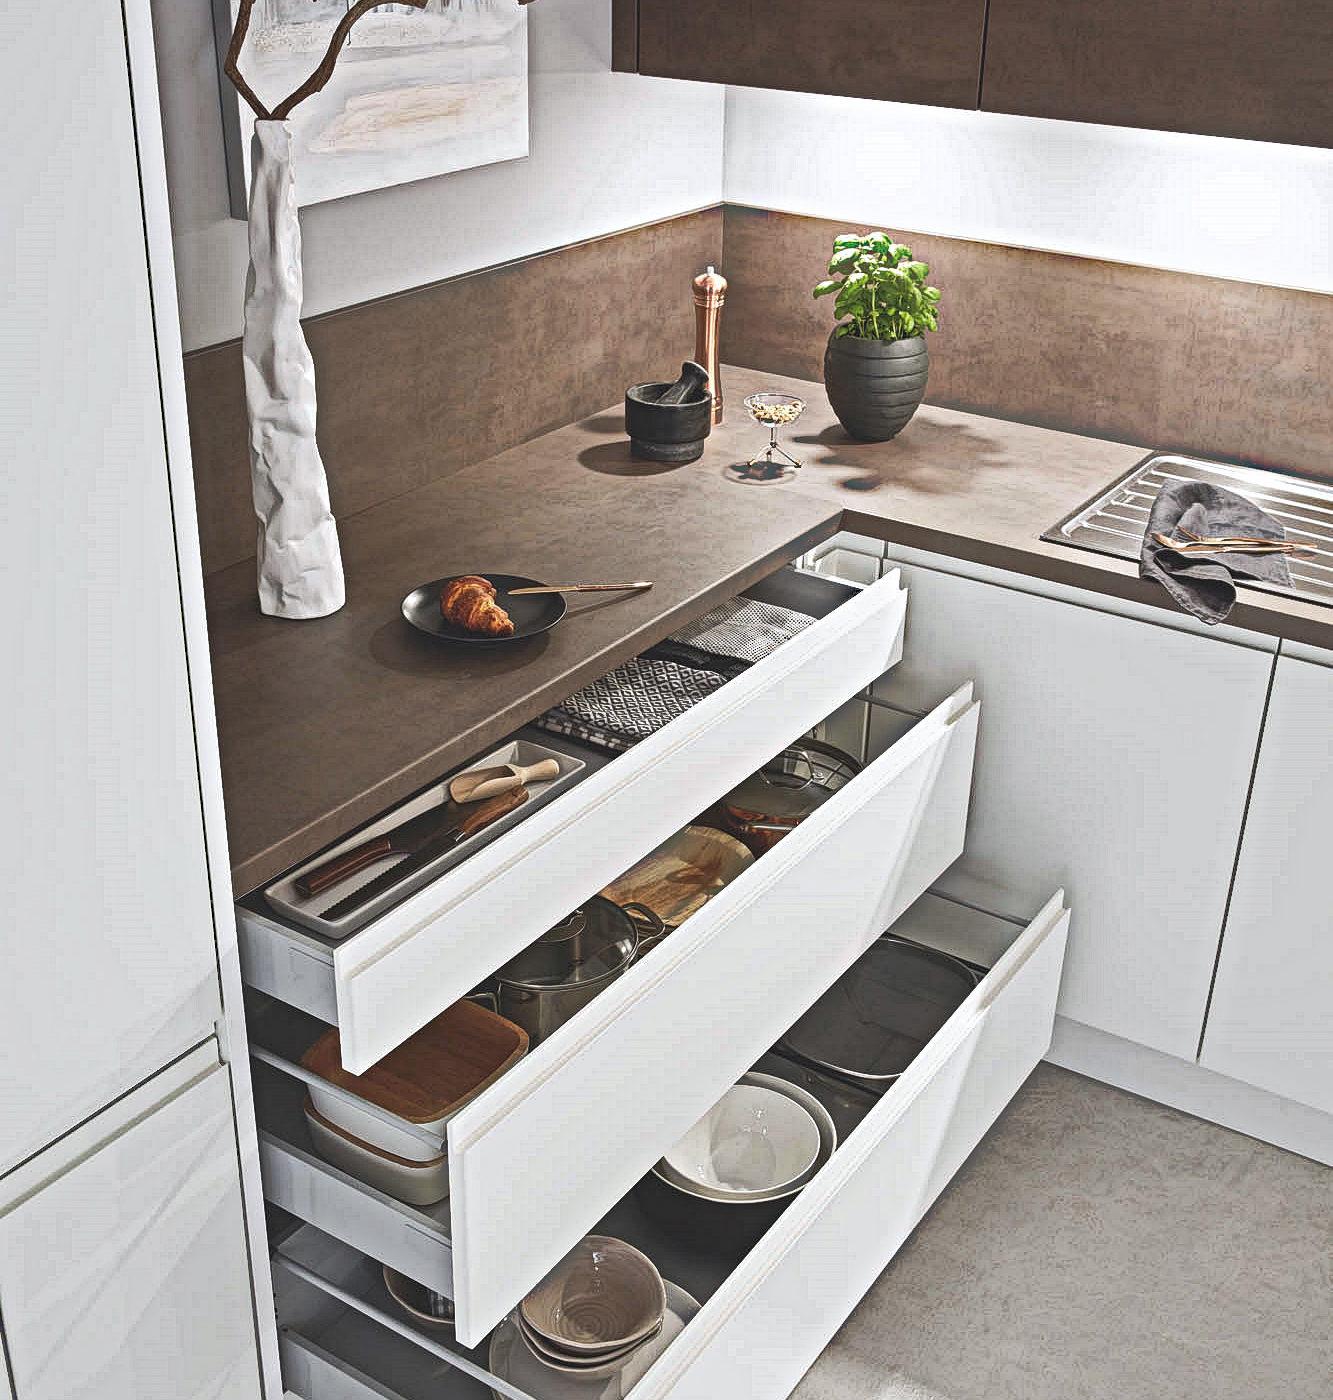 Full Size of Küche Nischenrückwand Wie Hoch Rückwand Küche Plexiglas Rückwand Küche Einbauen Rückwand Küche Milchglas Küche Nischenrückwand Küche